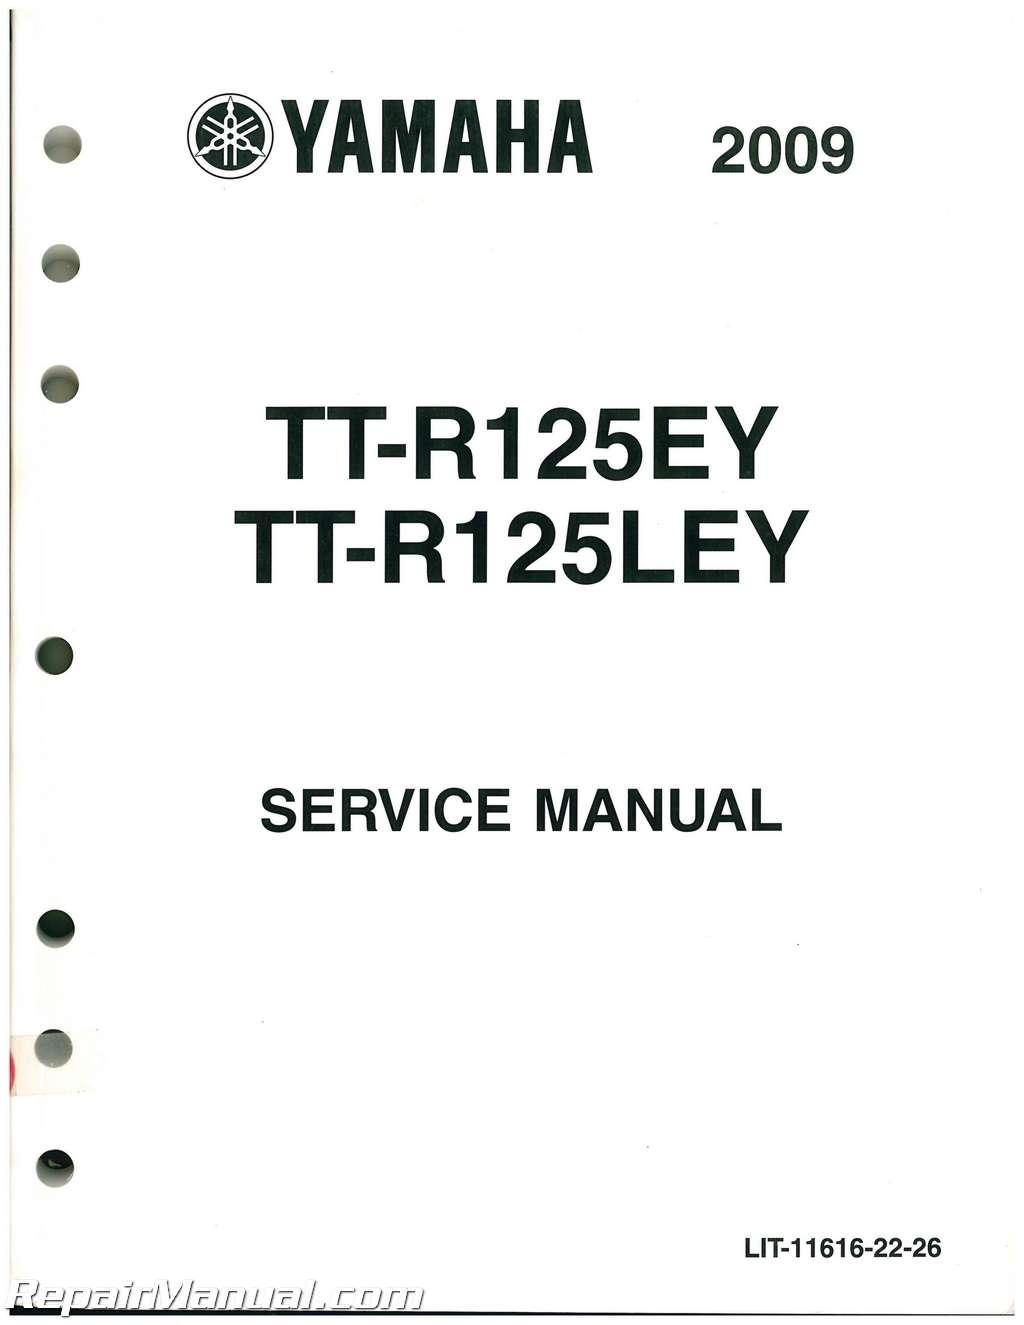 yamaha ttr 125 service manual pdf